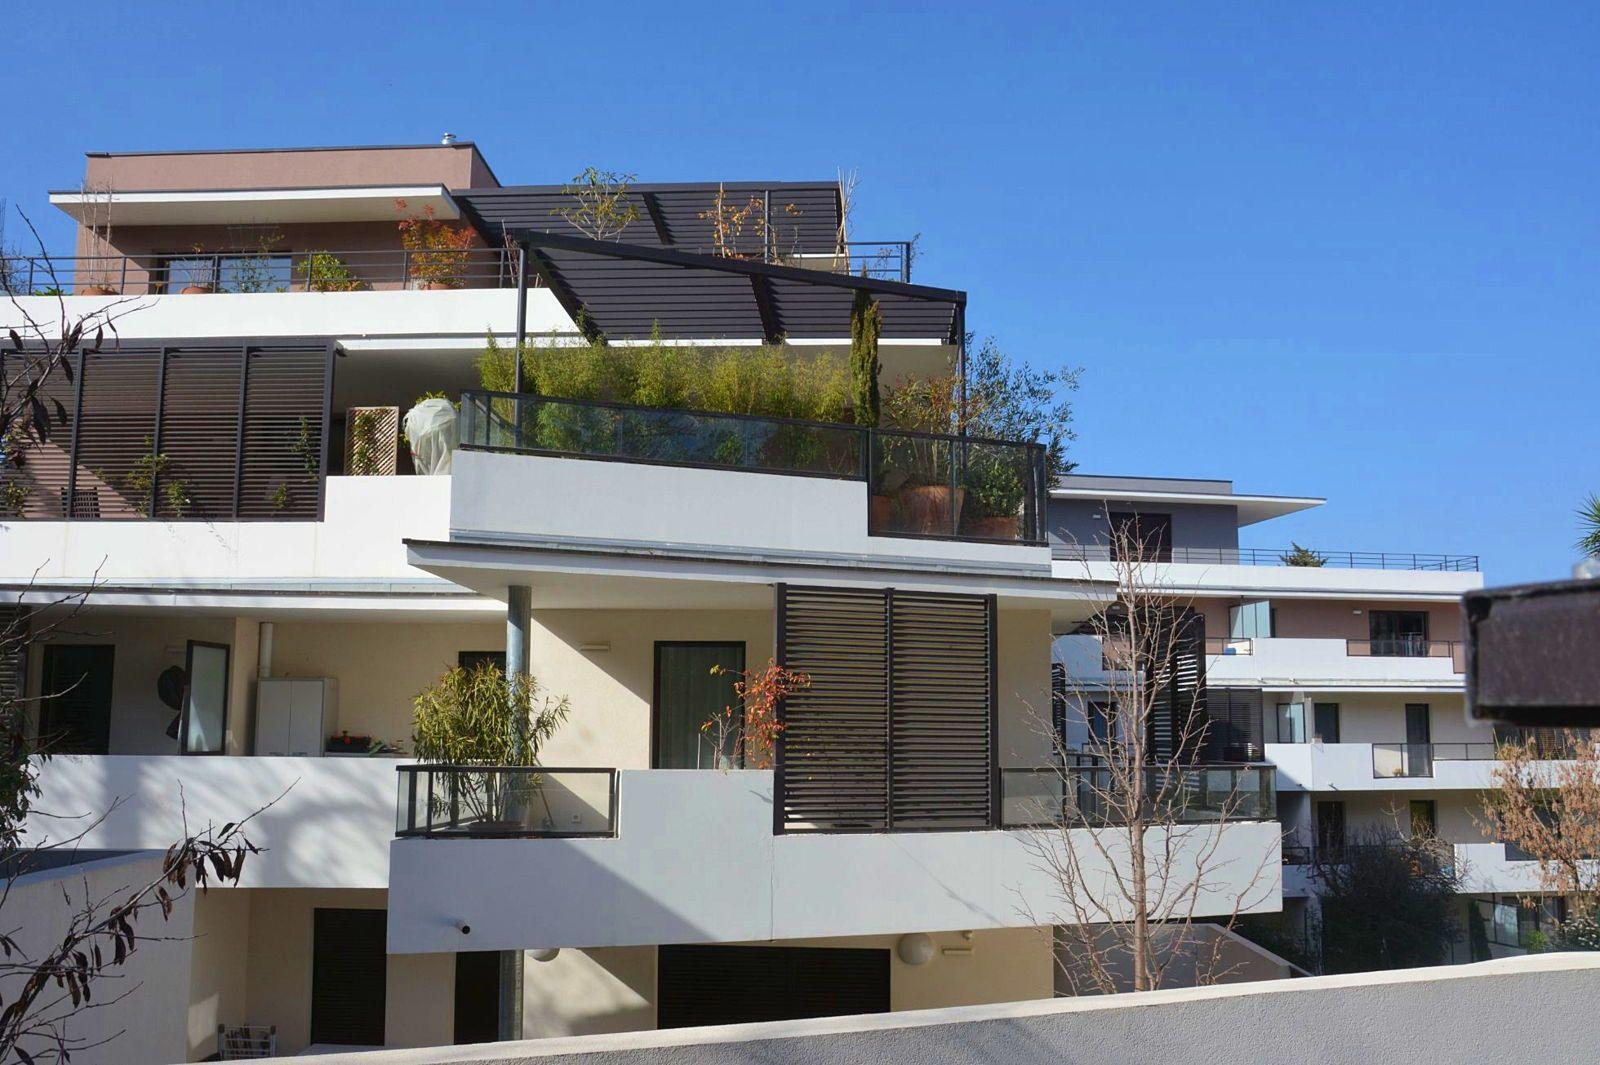 Loue appartement T362m²+28m² de terrasse, quartier Arceaux Montpellier (34)